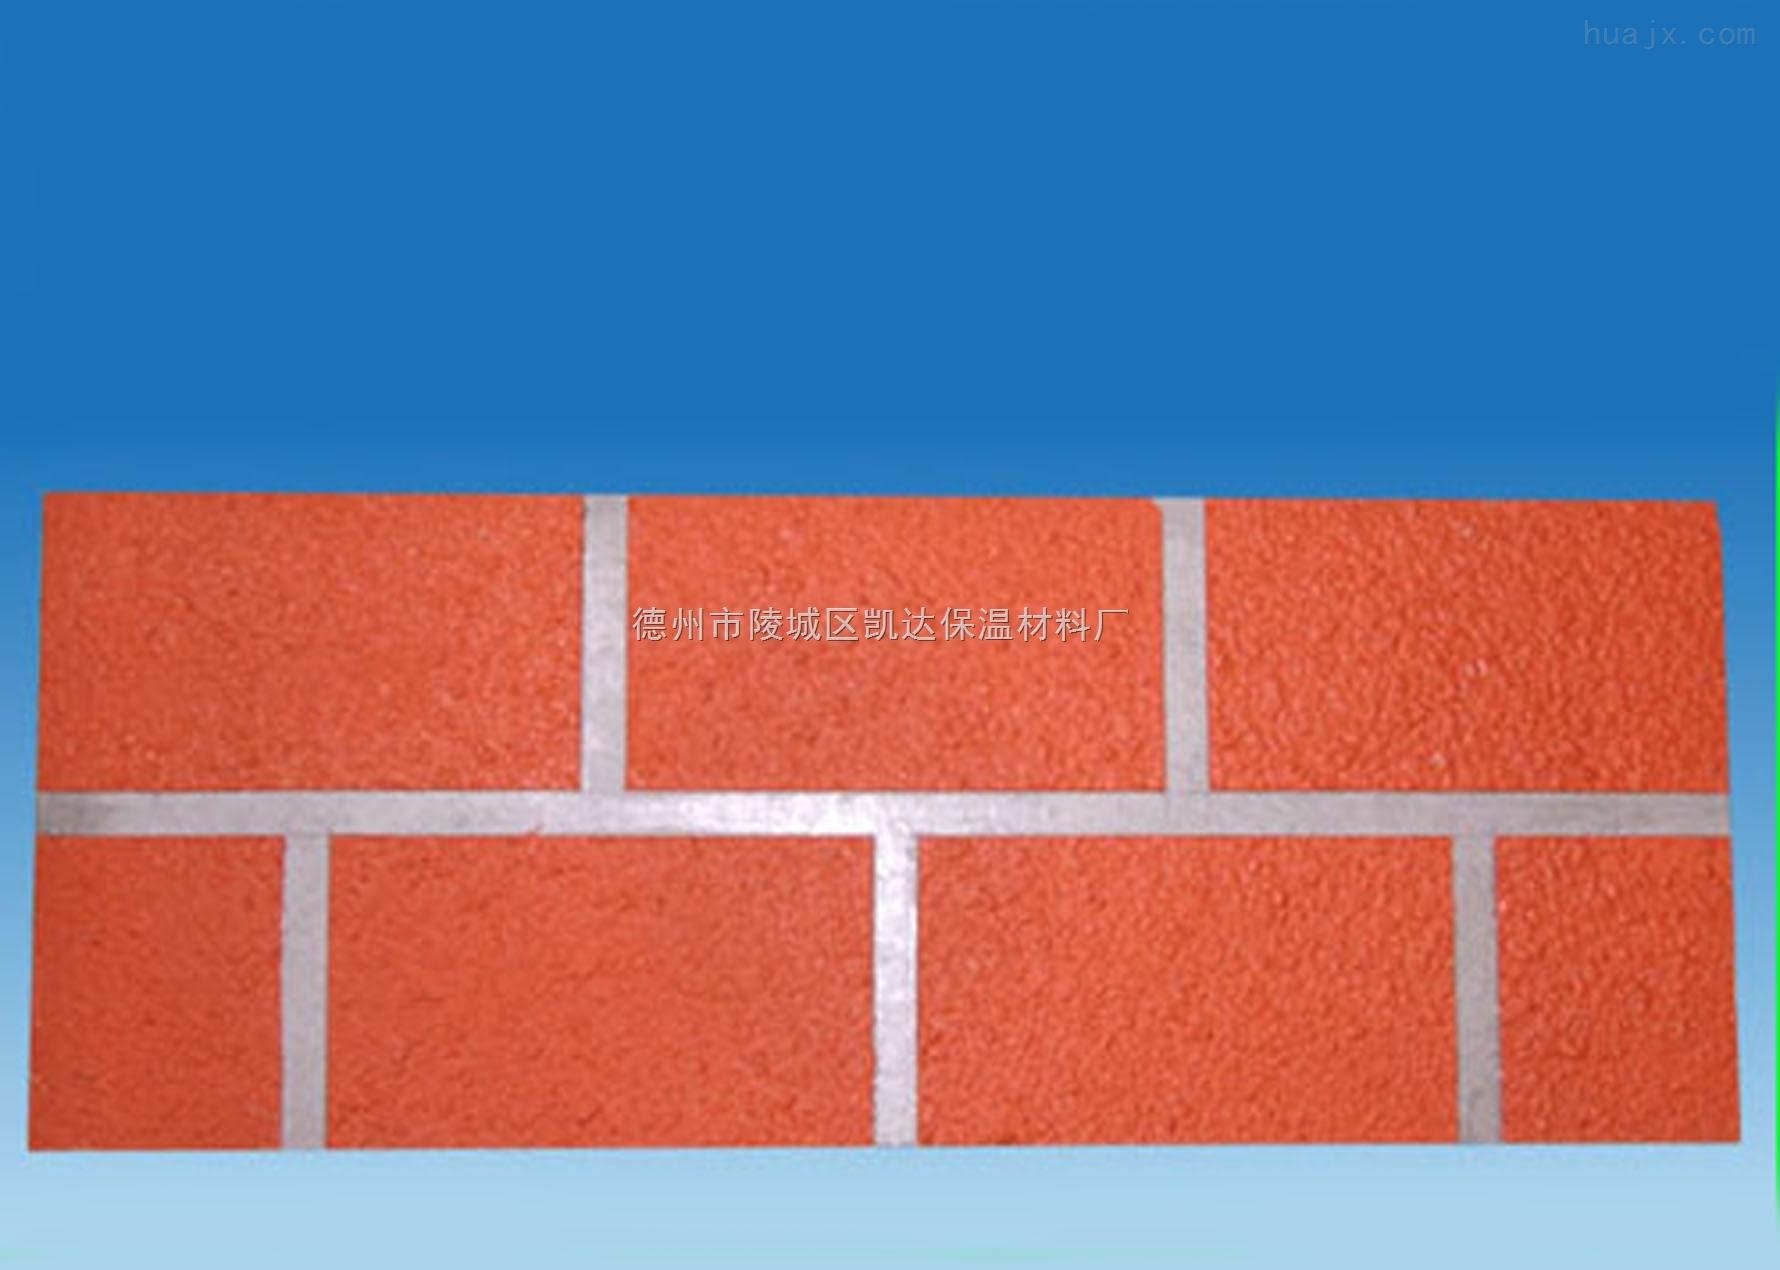 真石漆保温装饰一体板设备施工高清大图展示